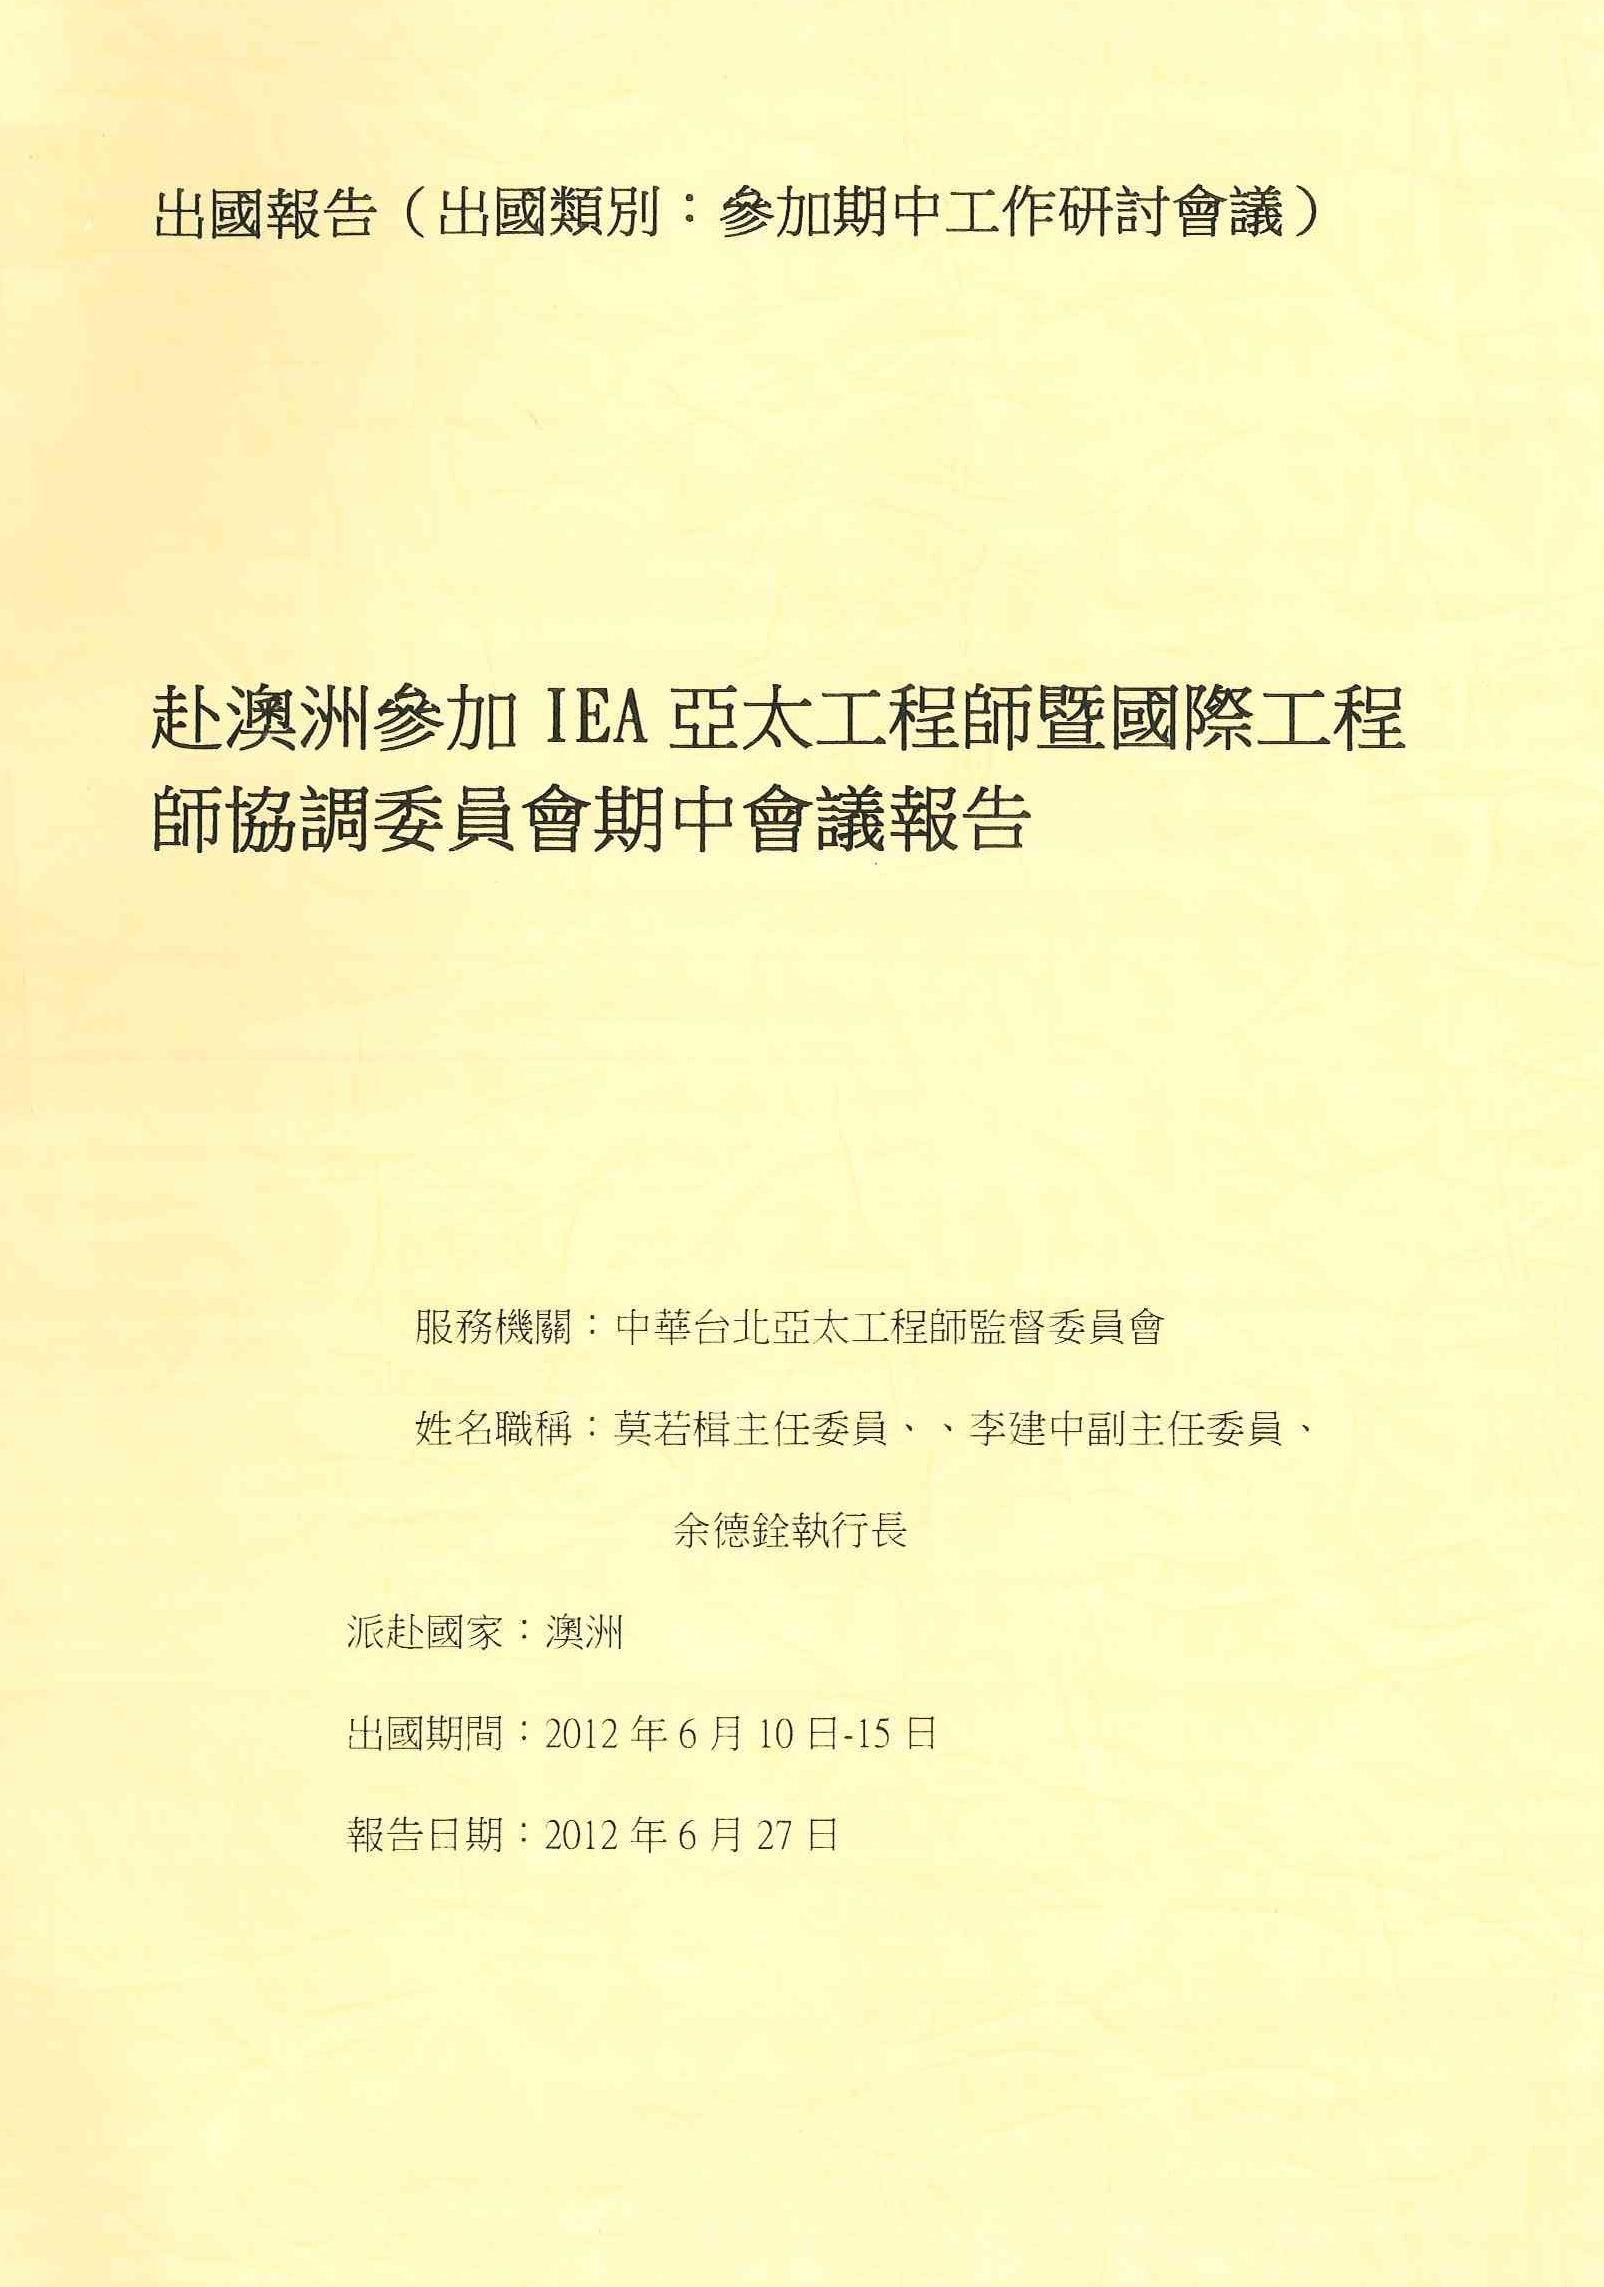 赴澳洲參加IEA亞太工程師暨國際工程師協調委員會期中會議報告